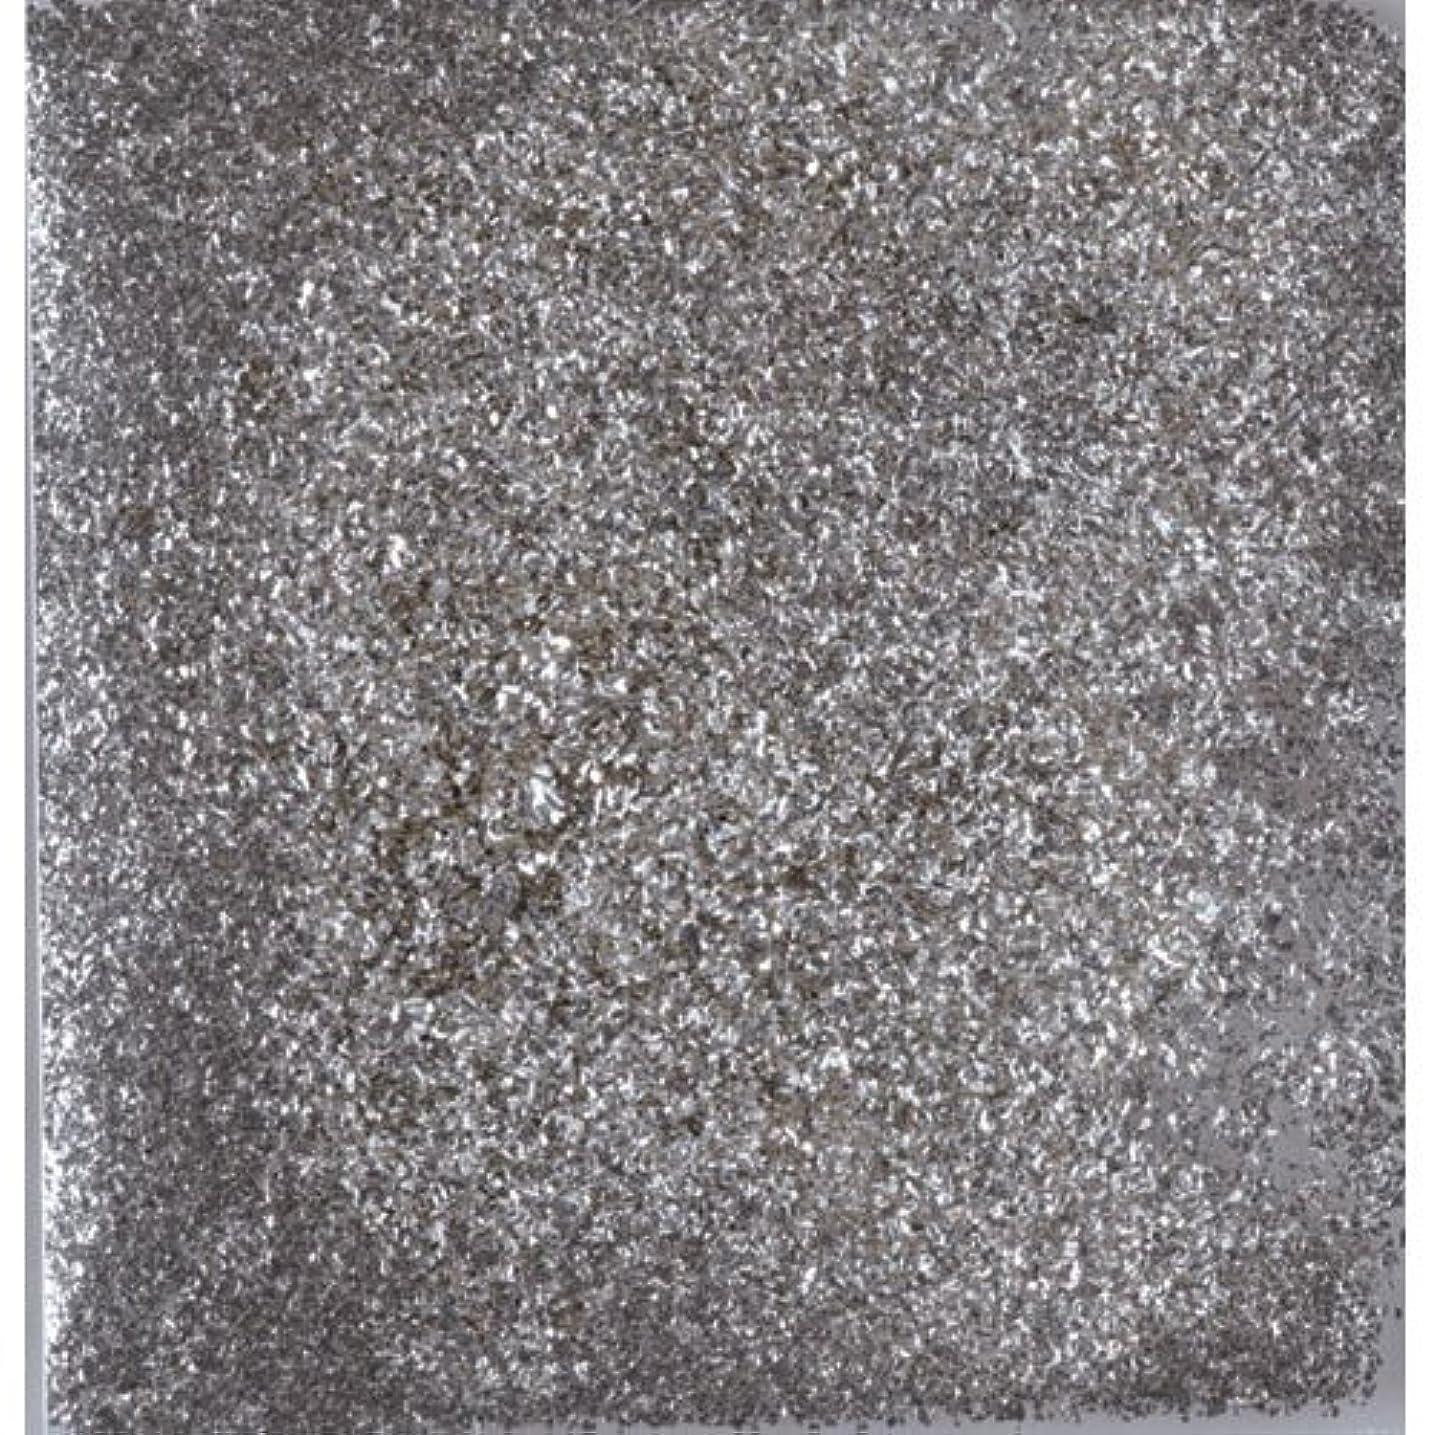 好戦的な祝福する幸福ピカエース ネイル用パウダー シャインフレーク #701 真珠色 0.3g